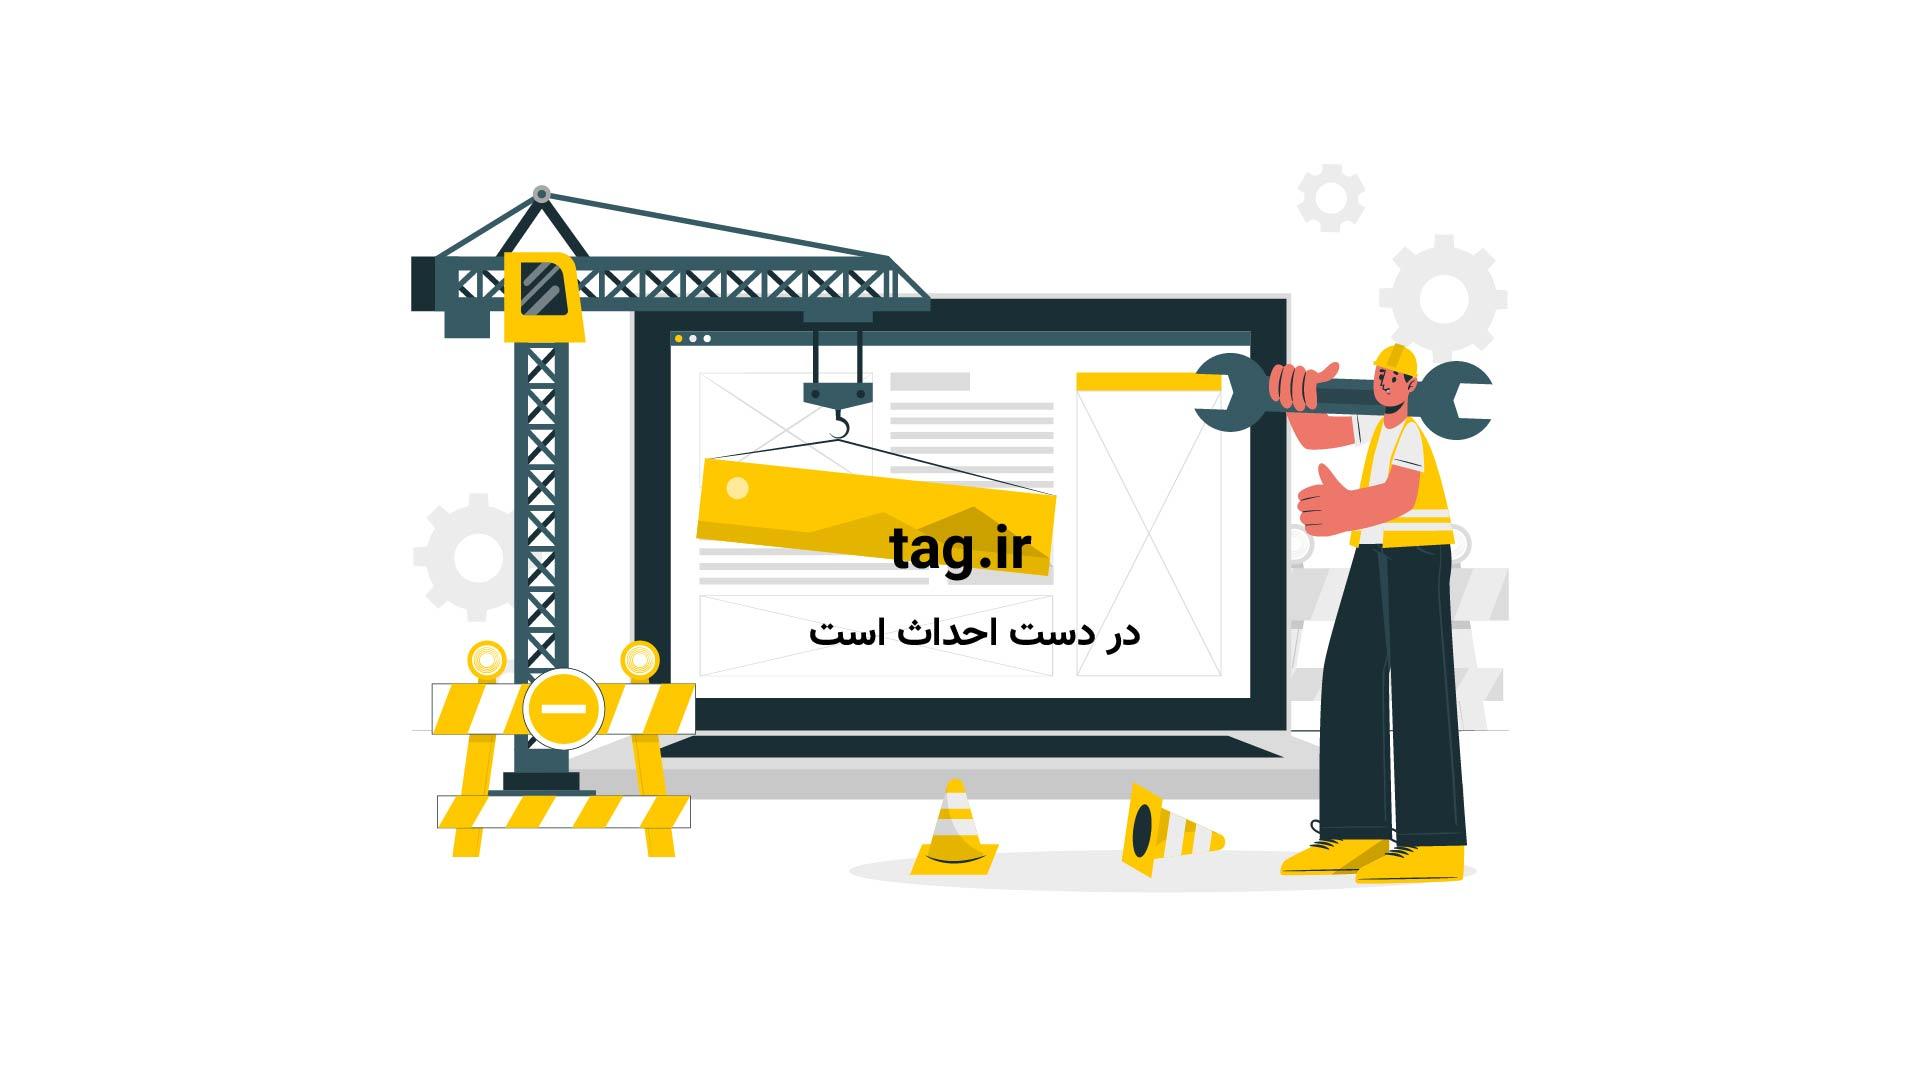 عناوین روزنامه های صبح پنجشنبه 11 خرداد   فیلم